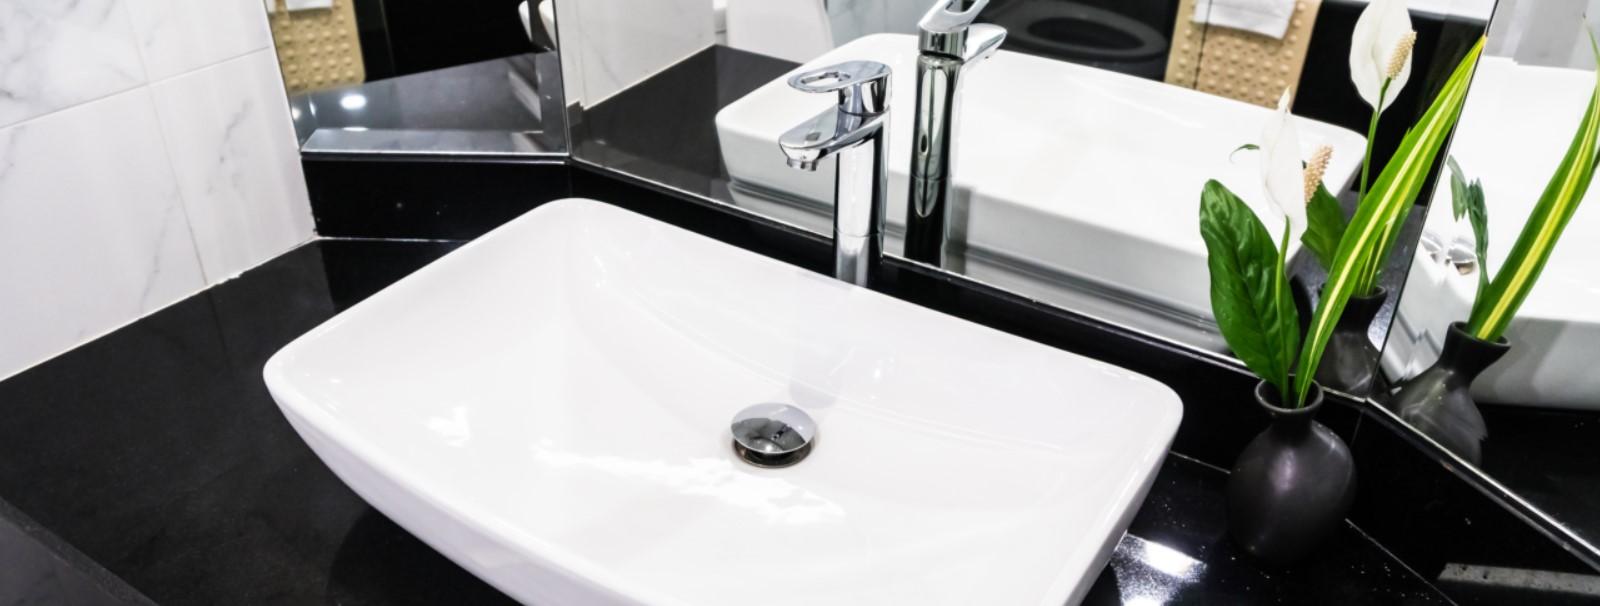 De la rénovation salle de bain au débouchage de toilette